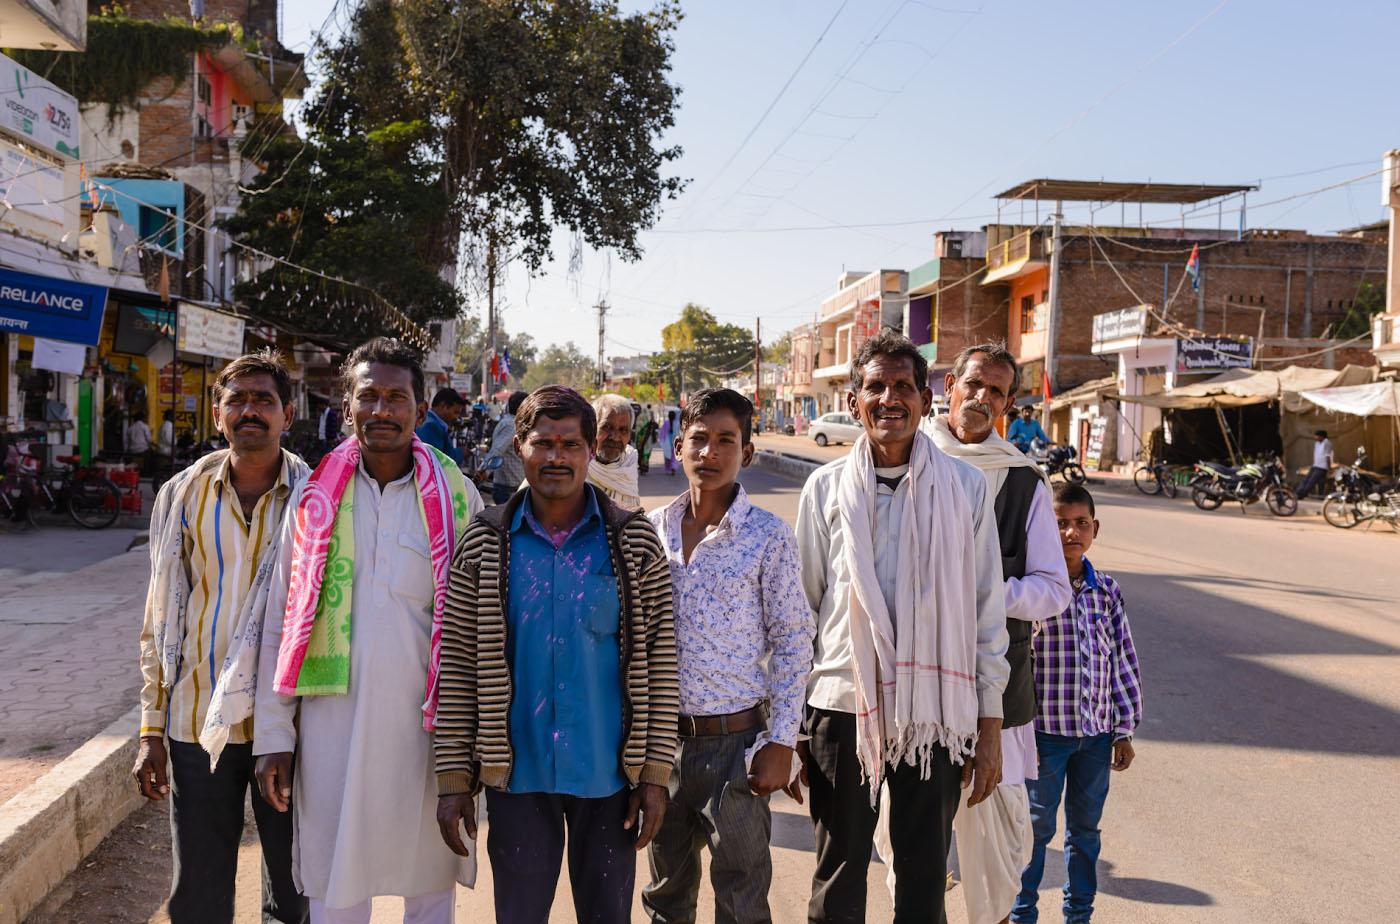 Снимок 18. Встреча на улице в Кхаджурахо. Отзывы о путешествии по Центральной Индии. 1/320, 5.6, 100, 24.